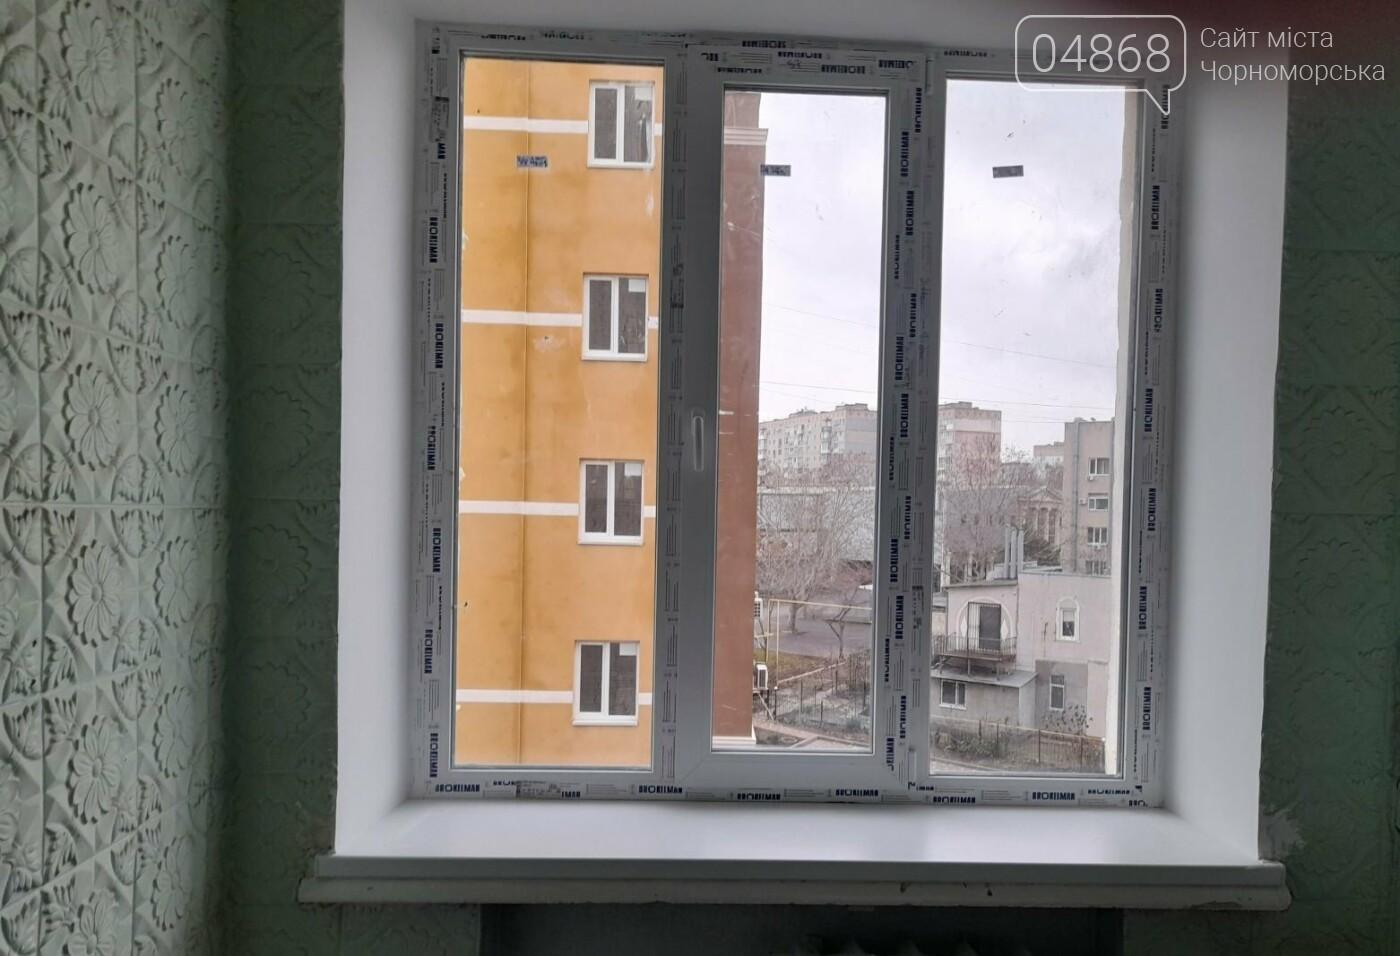 Будет теплее: в Черноморской поликлинике заменили 80 окон, фото-4